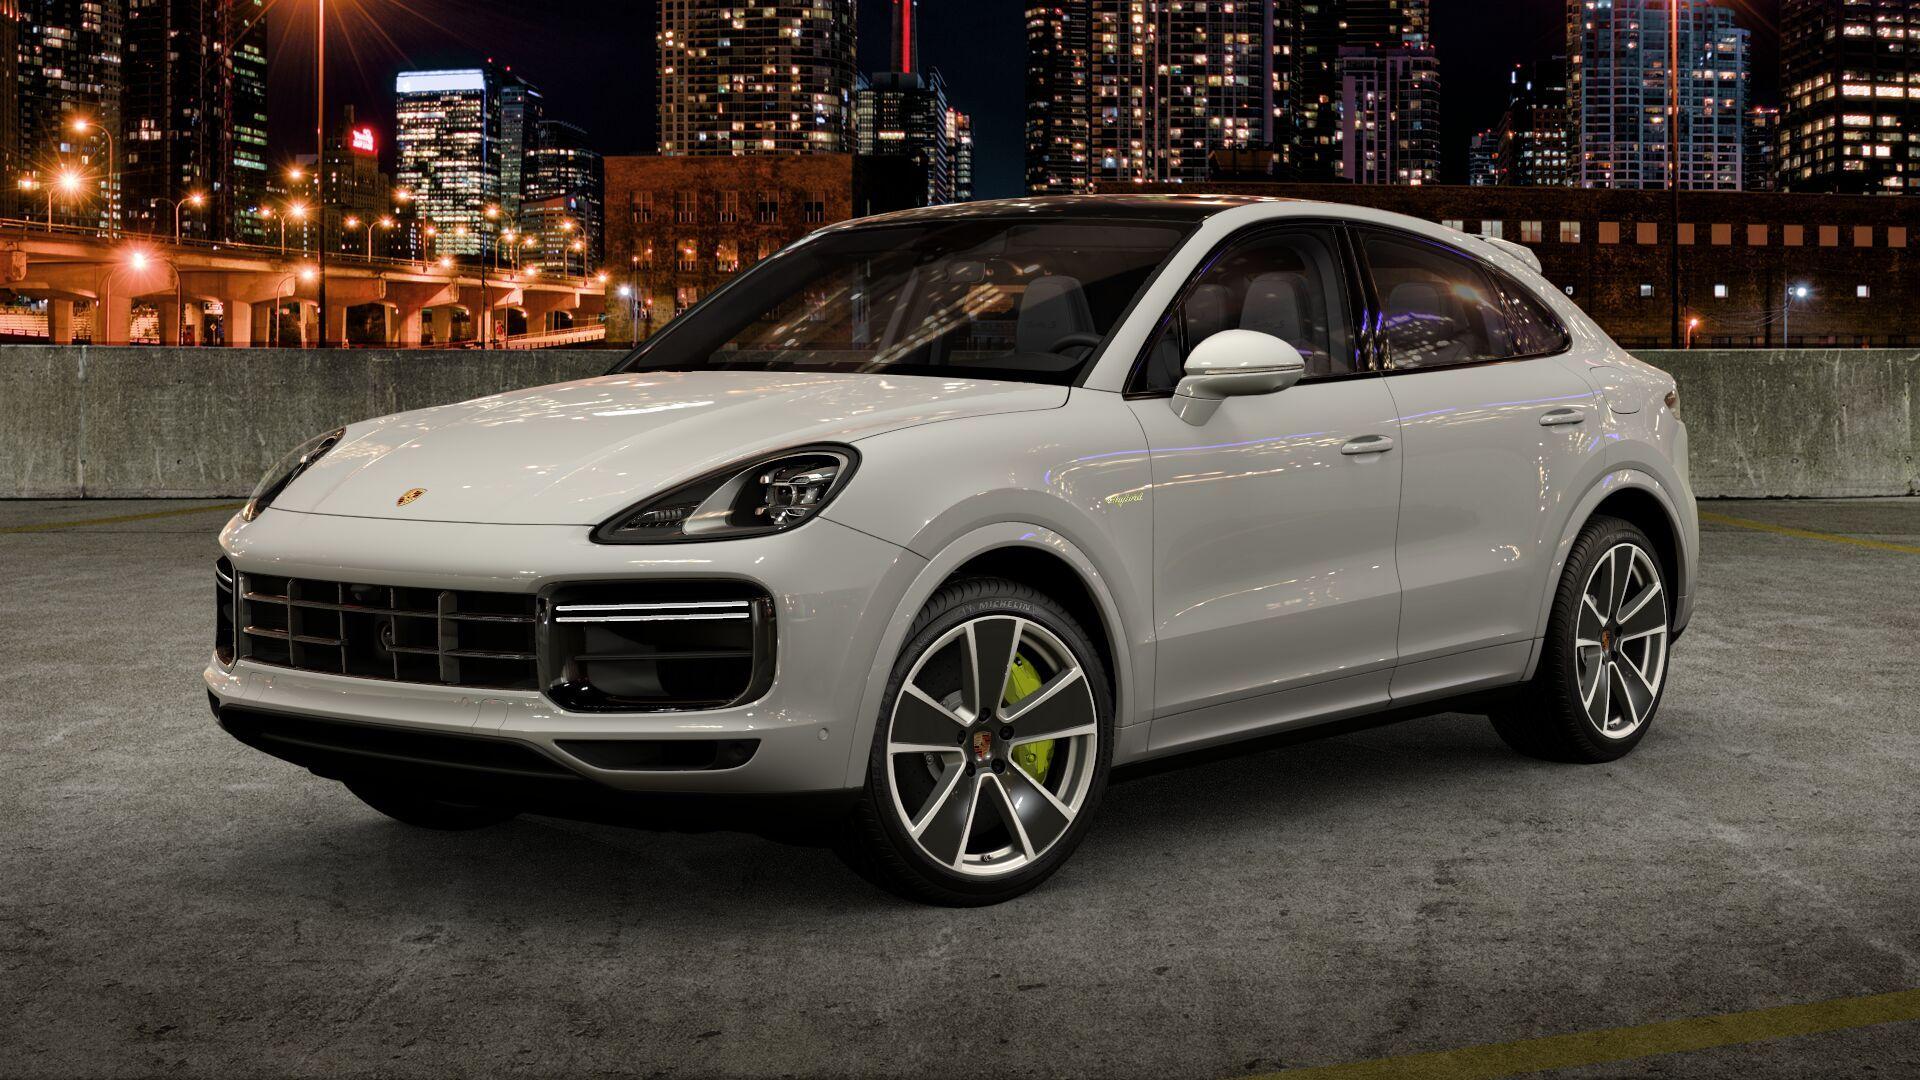 porsche cayenne coupe e hybrid turbo s branco em estacionamento